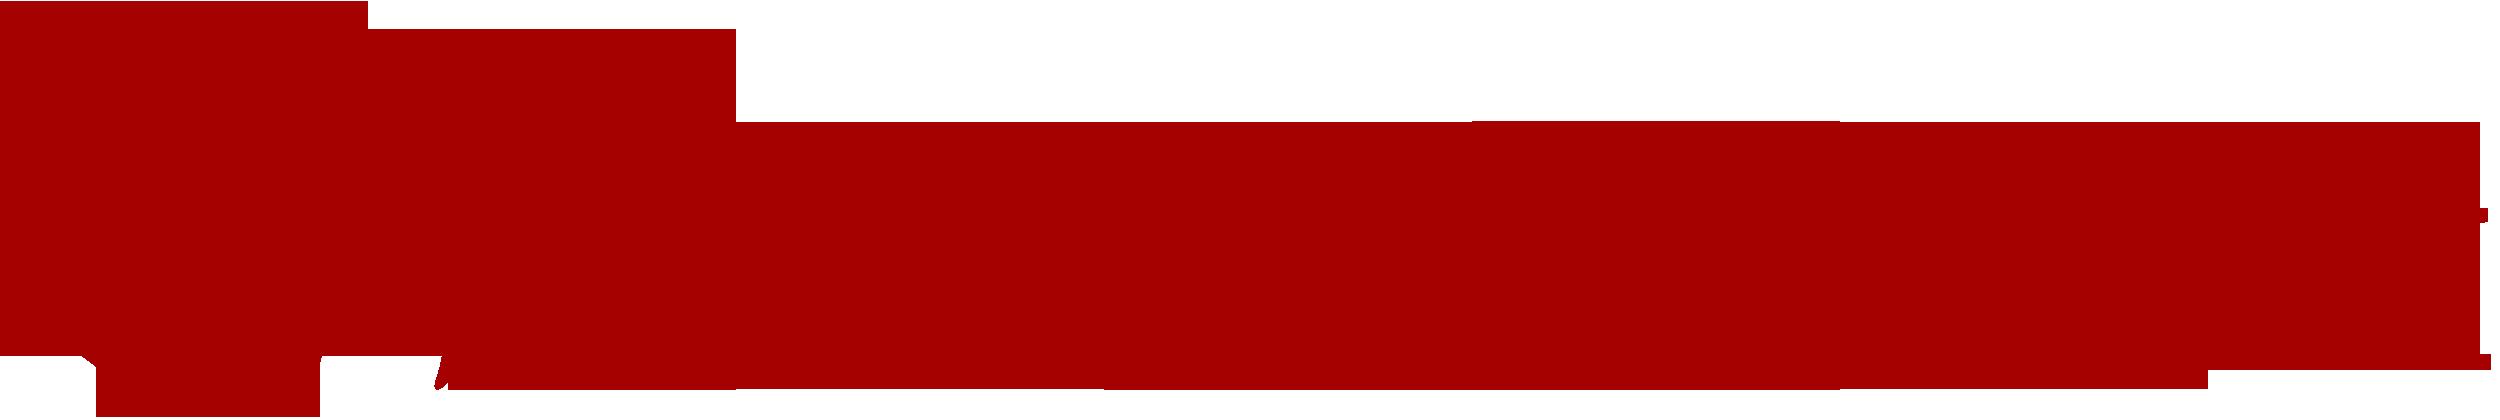 Sager Foundation